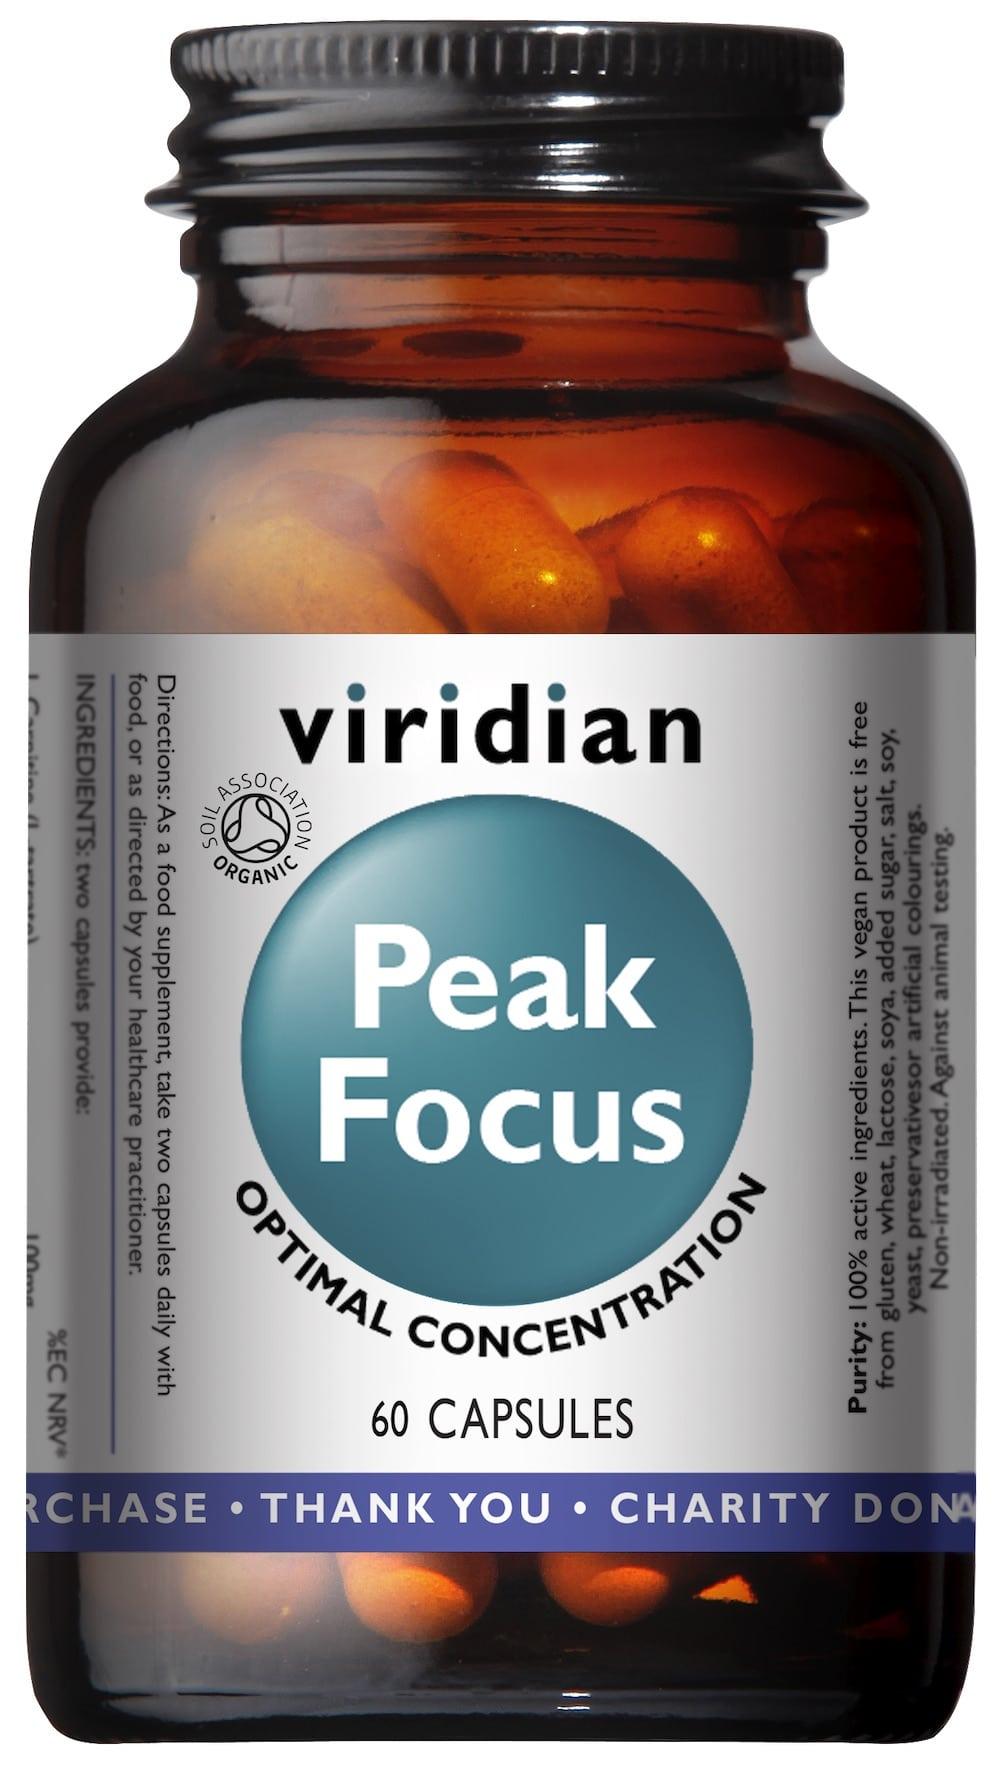 Peak Focus